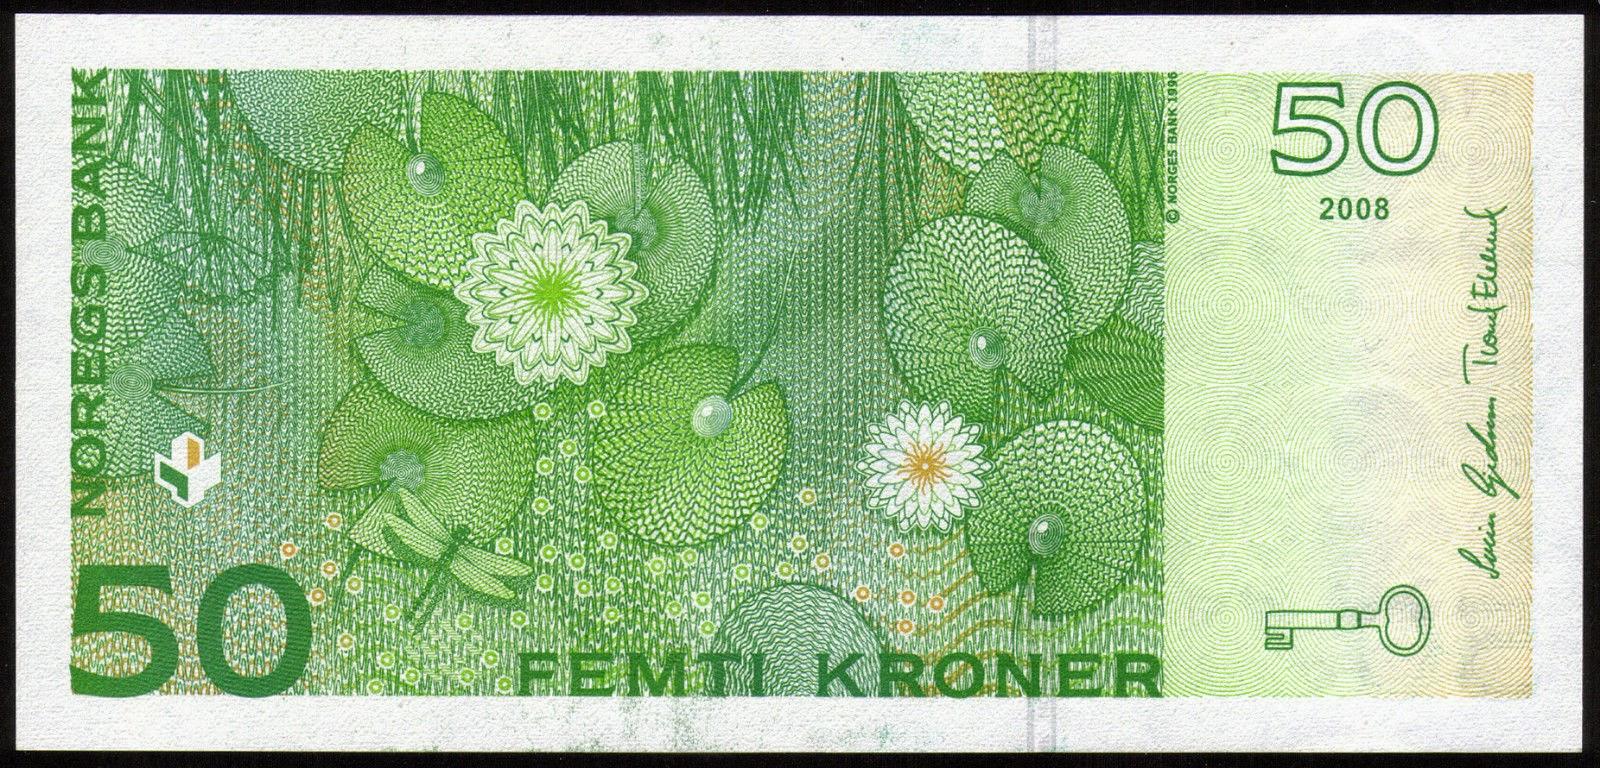 Norwegian Banknotes 50 Norwegian Kroner note